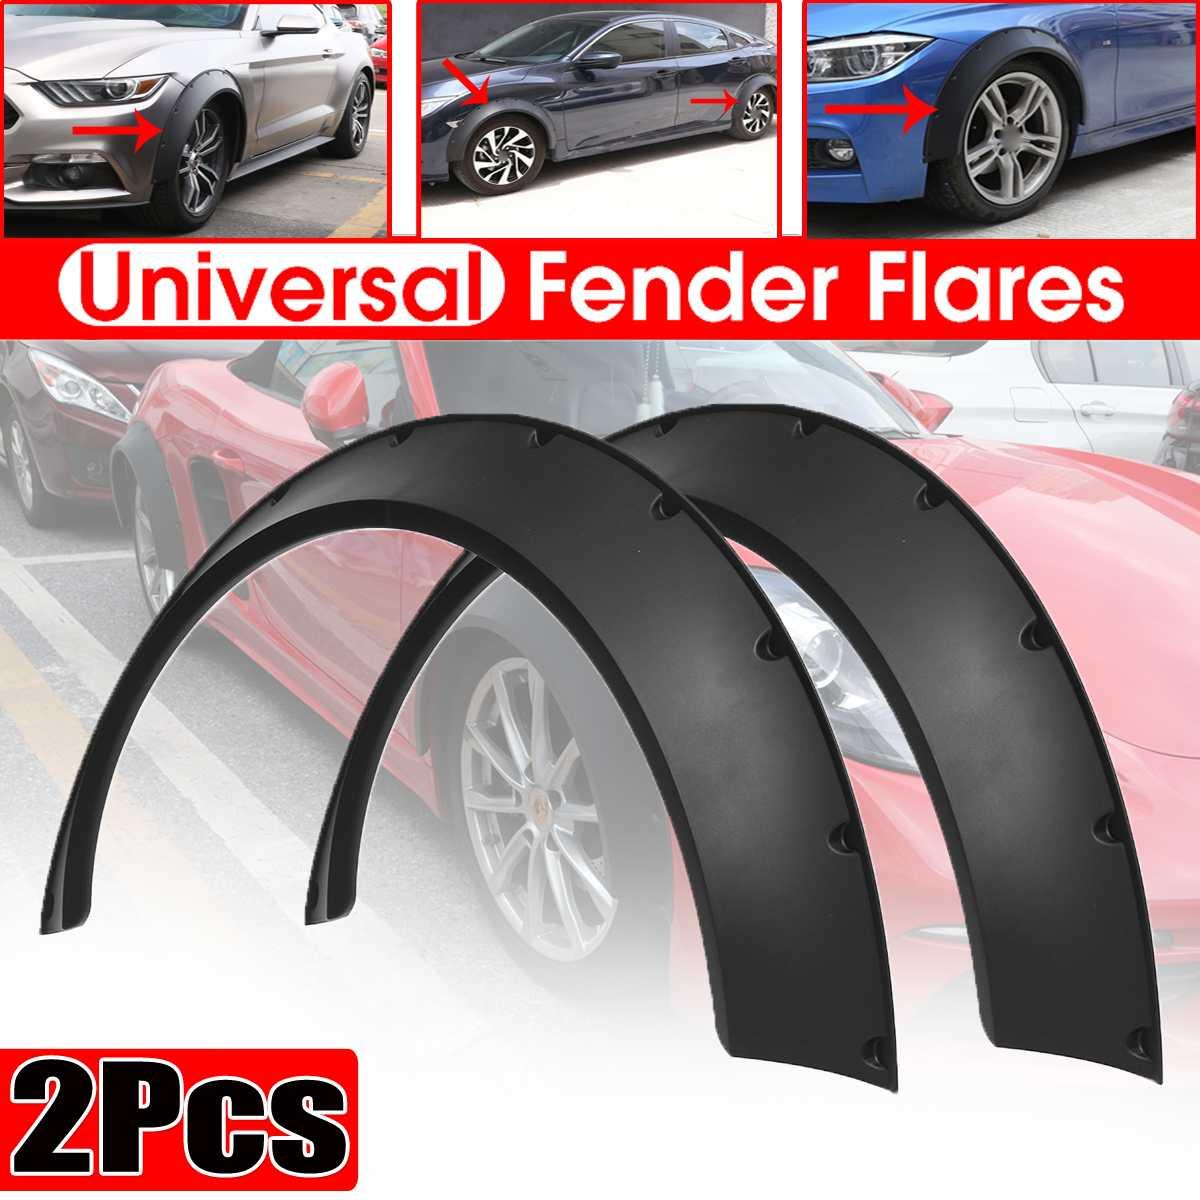 Universele 2 Stuks Auto Voor Wielkasten Voor Auto Body Kits Mud Splash Guard Wielkasten Extension Voor Bmw Voor benz Voor Ford